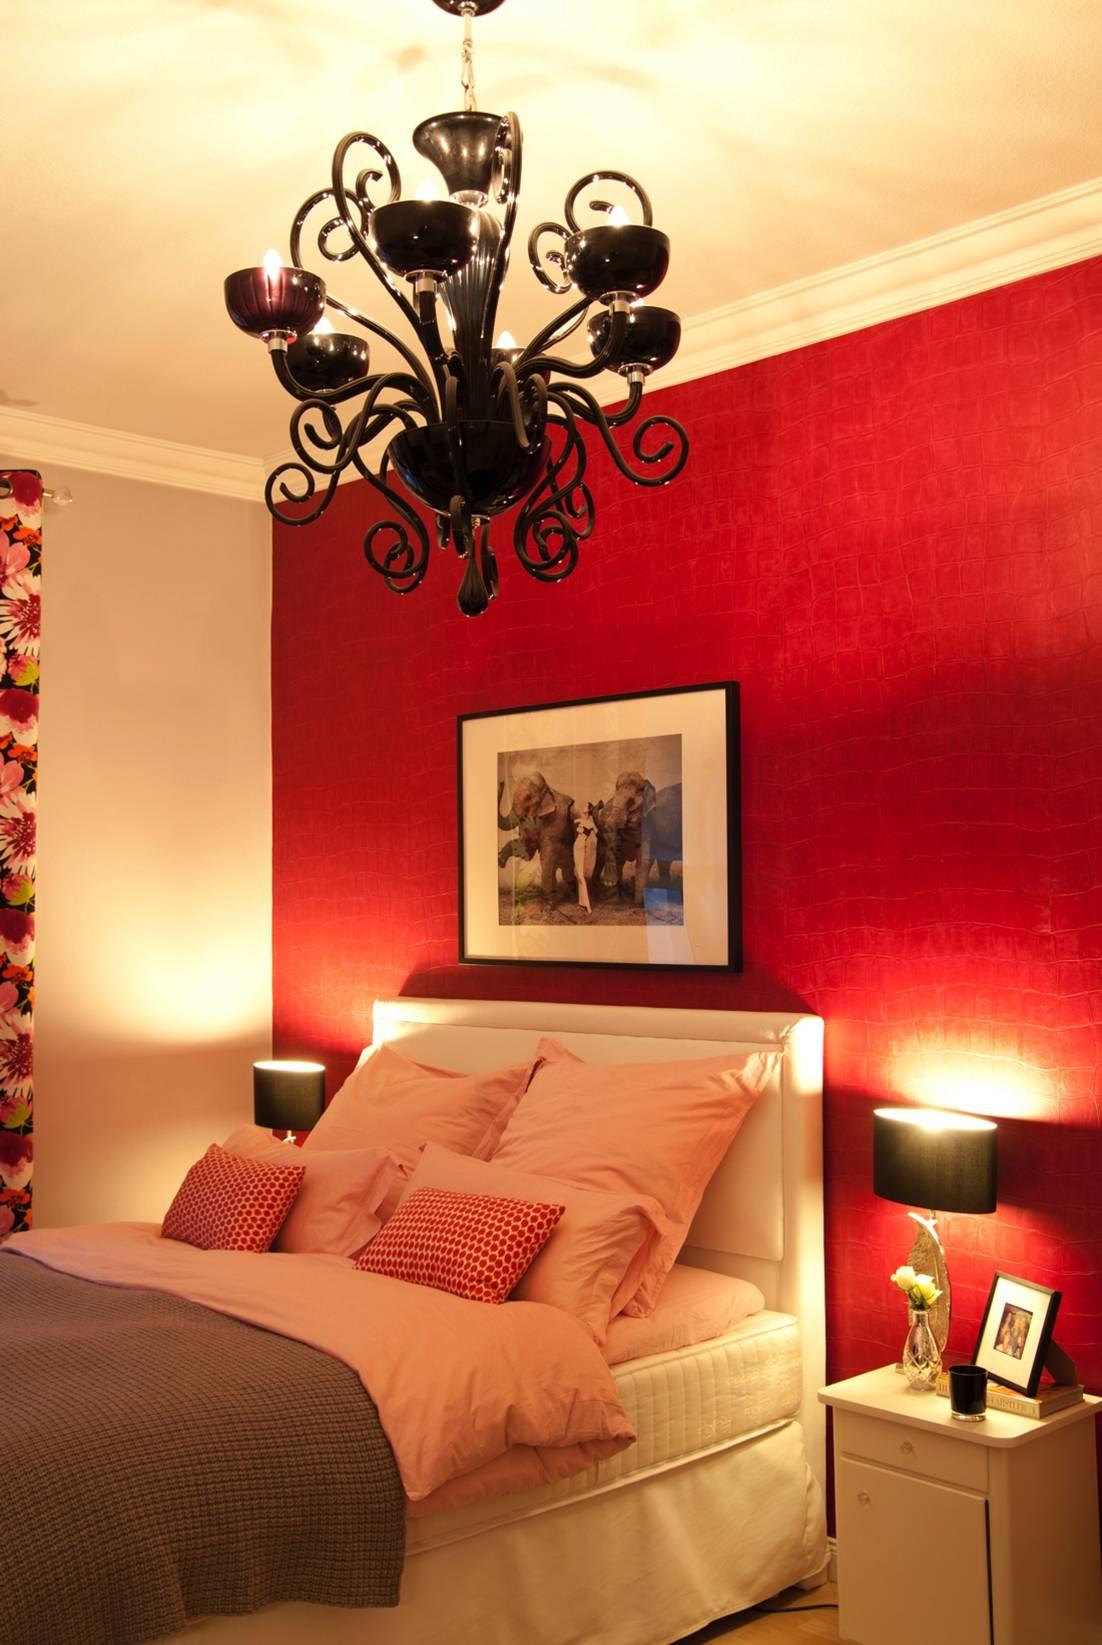 decoración de dormitorio sexy - iluminación